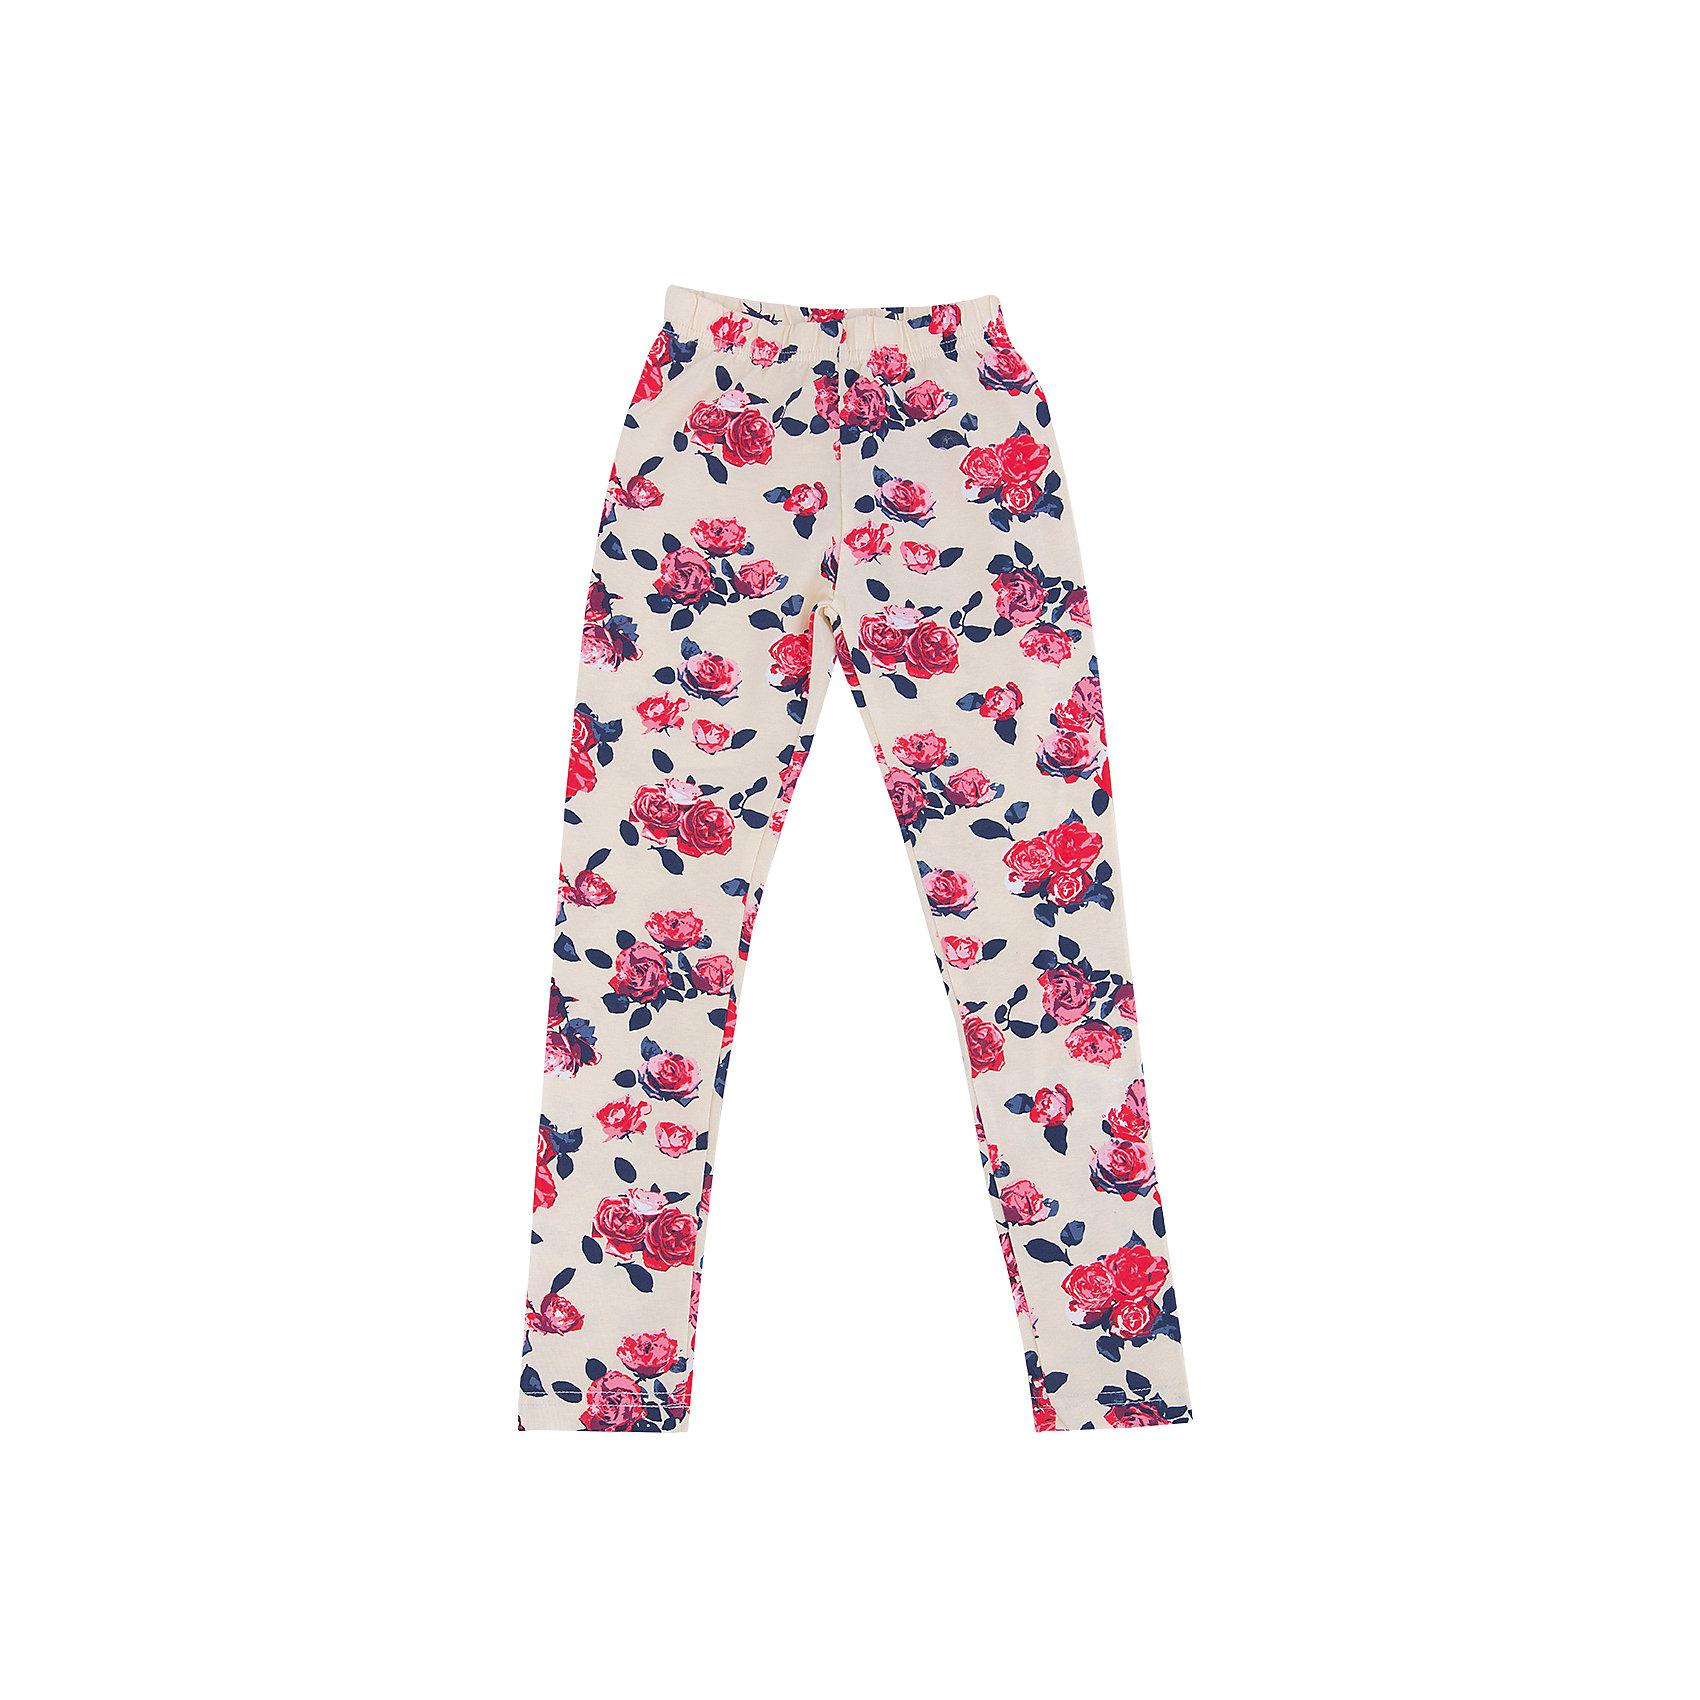 Леггинсы для девочки Sweet BerryЛеггинсы – удобная одежда для дома или занятий спортом. Приятный материал обеспечивает комфорт на протяжении всего времени ношения вещи. Модный принт в цветок– отличительная особенность модели. Пояс выполнен из внутренней резинки. Леггинсы не имеют твердых вставок, поэтому подходят в качестве варианта одежды для сна. Нежный цвет подойдет ко многим детским вещам. Материалы, использованные при изготовлении одежды, полностью безопасны для детей и отвечают всем требованиям по качеству продукции данной категории.<br><br>Дополнительная информация: <br><br>пояс на резинке;<br>модный принт;<br>прямой крой;<br>цвет: бежевый;<br>материал: хлопок 95%, эластан 5%.<br><br>Леггинсы для девочки от компании Sweet Berry можно приобрести в нашем магазине.<br><br>Ширина мм: 123<br>Глубина мм: 10<br>Высота мм: 149<br>Вес г: 209<br>Цвет: бежевый<br>Возраст от месяцев: 24<br>Возраст до месяцев: 36<br>Пол: Женский<br>Возраст: Детский<br>Размер: 98,104,110,116,122,128<br>SKU: 4931985